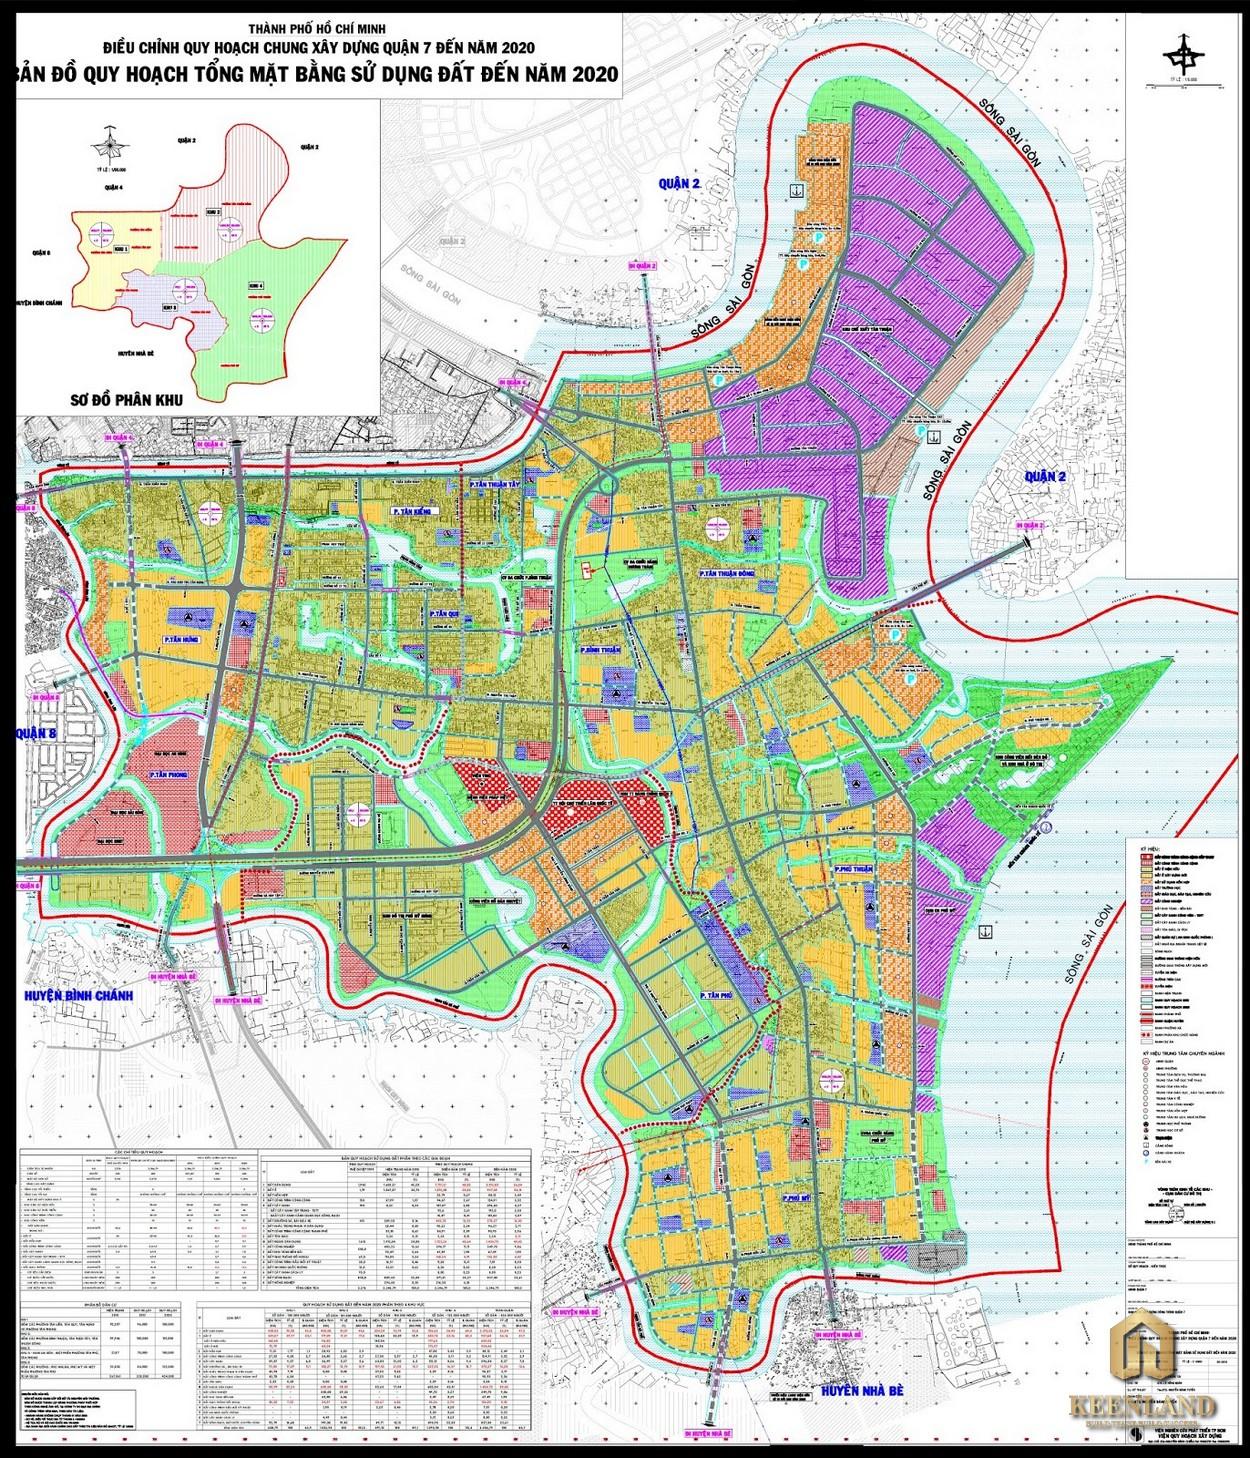 Chung cư Quận 7